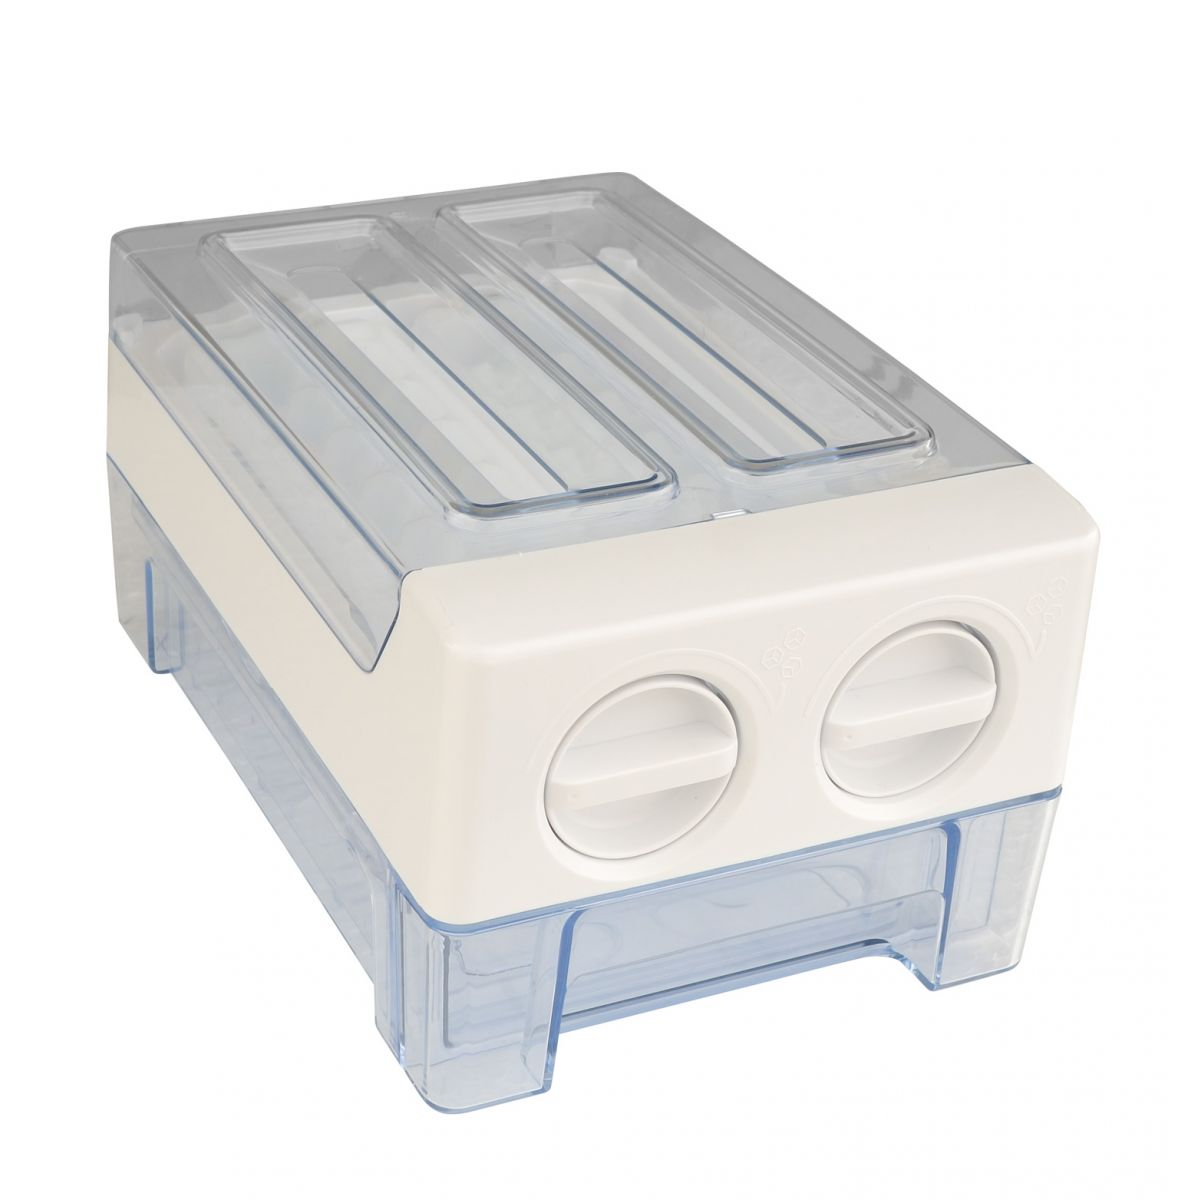 Refrigerador French Door FD 600 X2 Elettromec